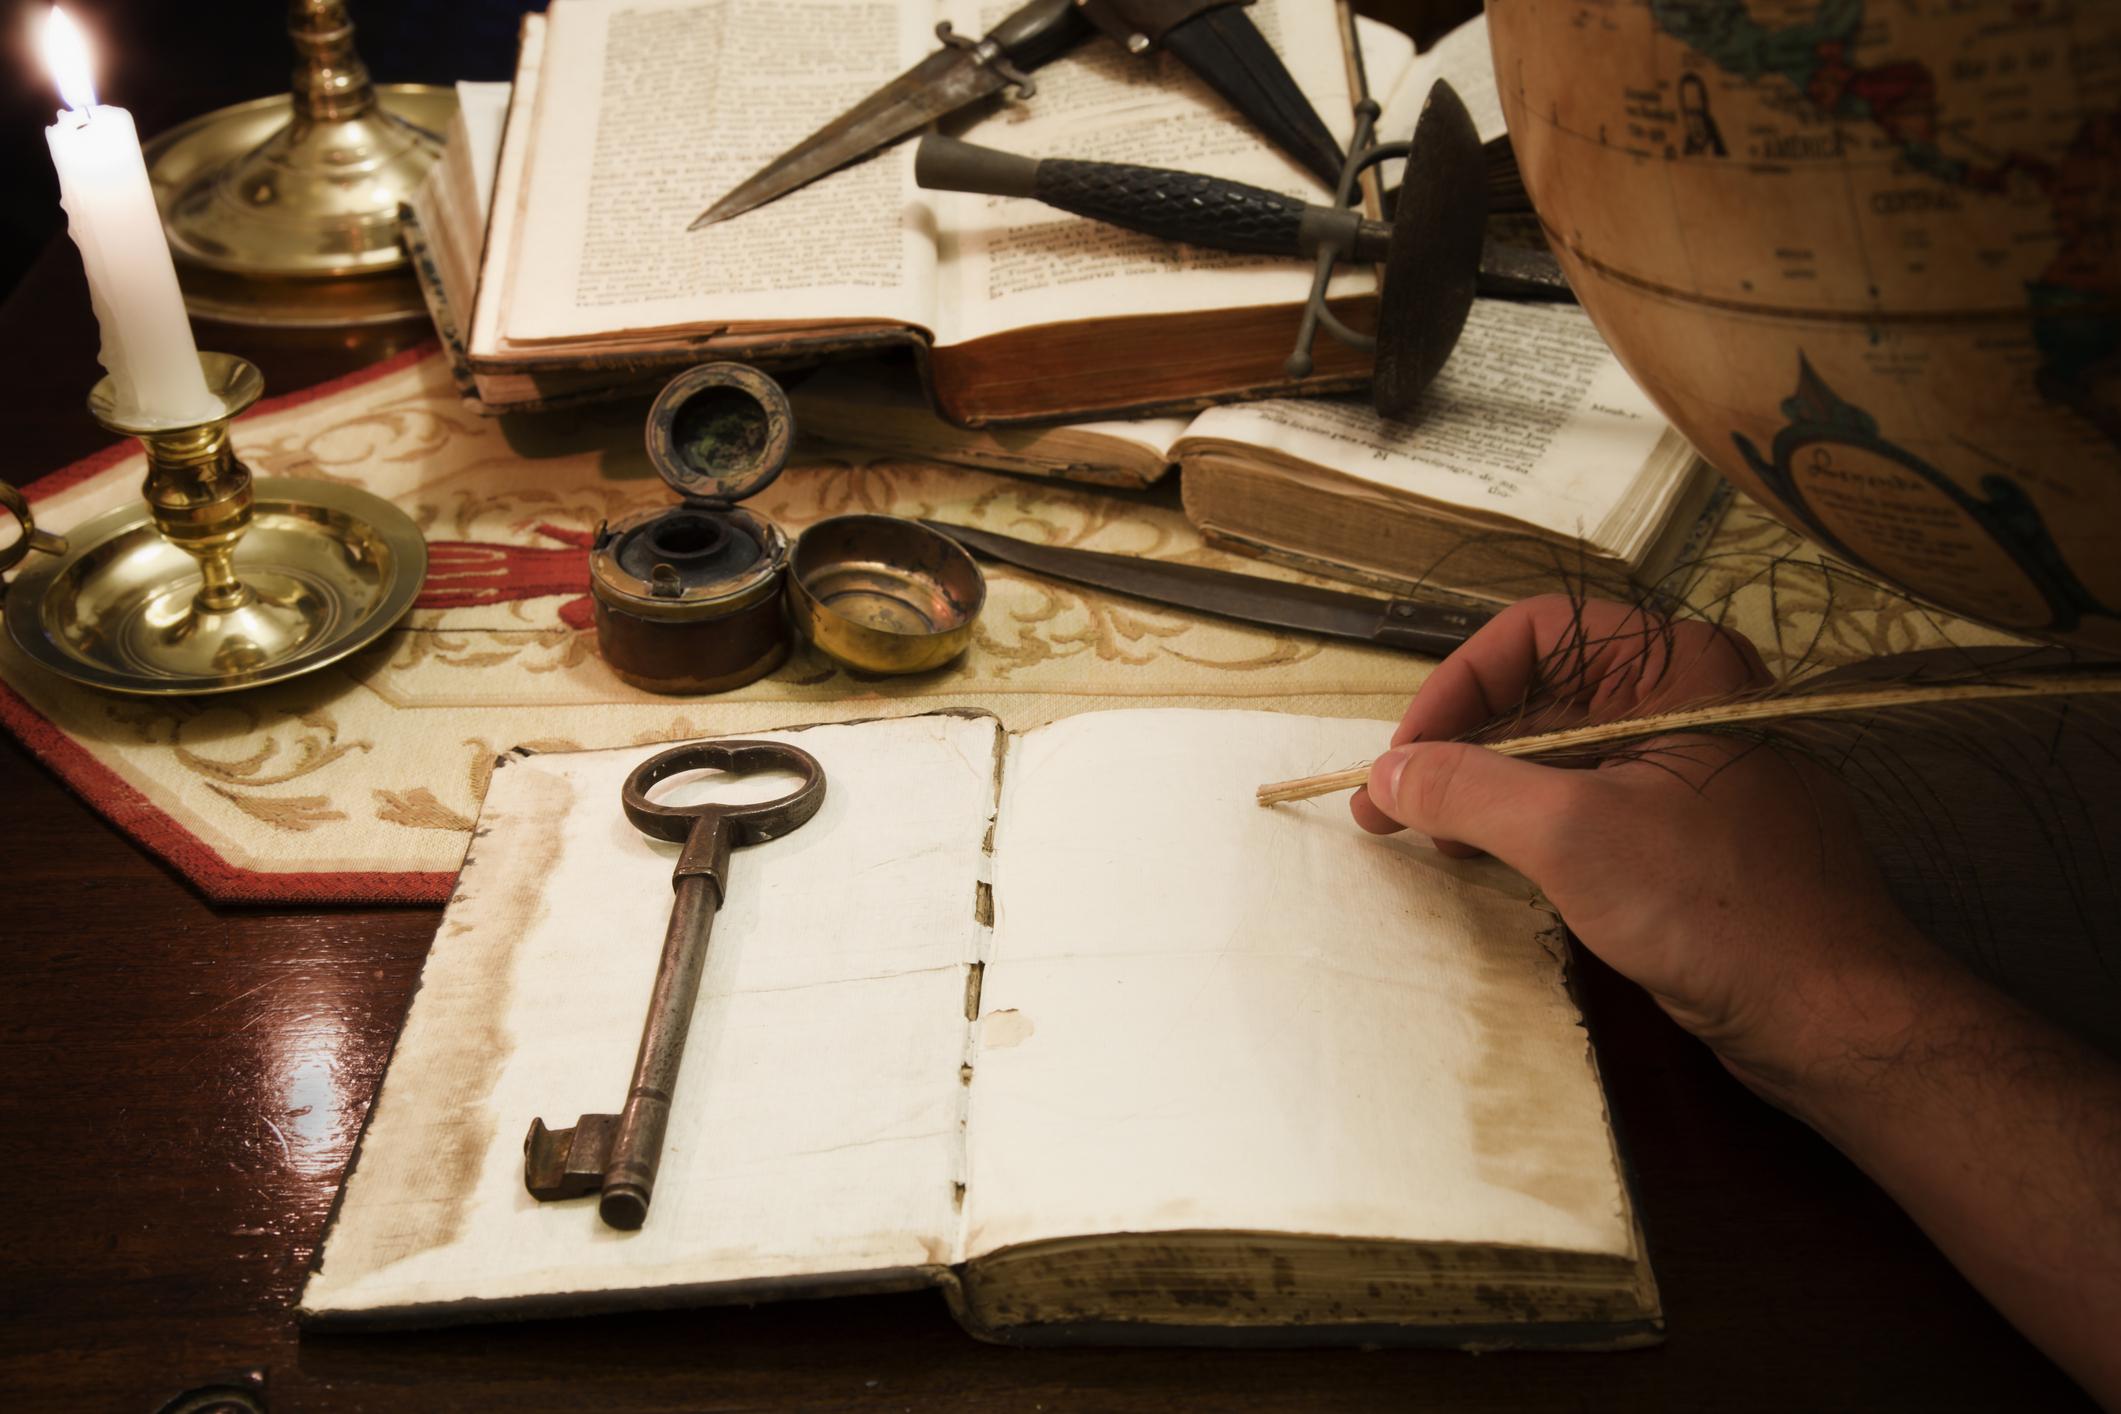 כתיבת פנטזיה רעיונות לסיפורים